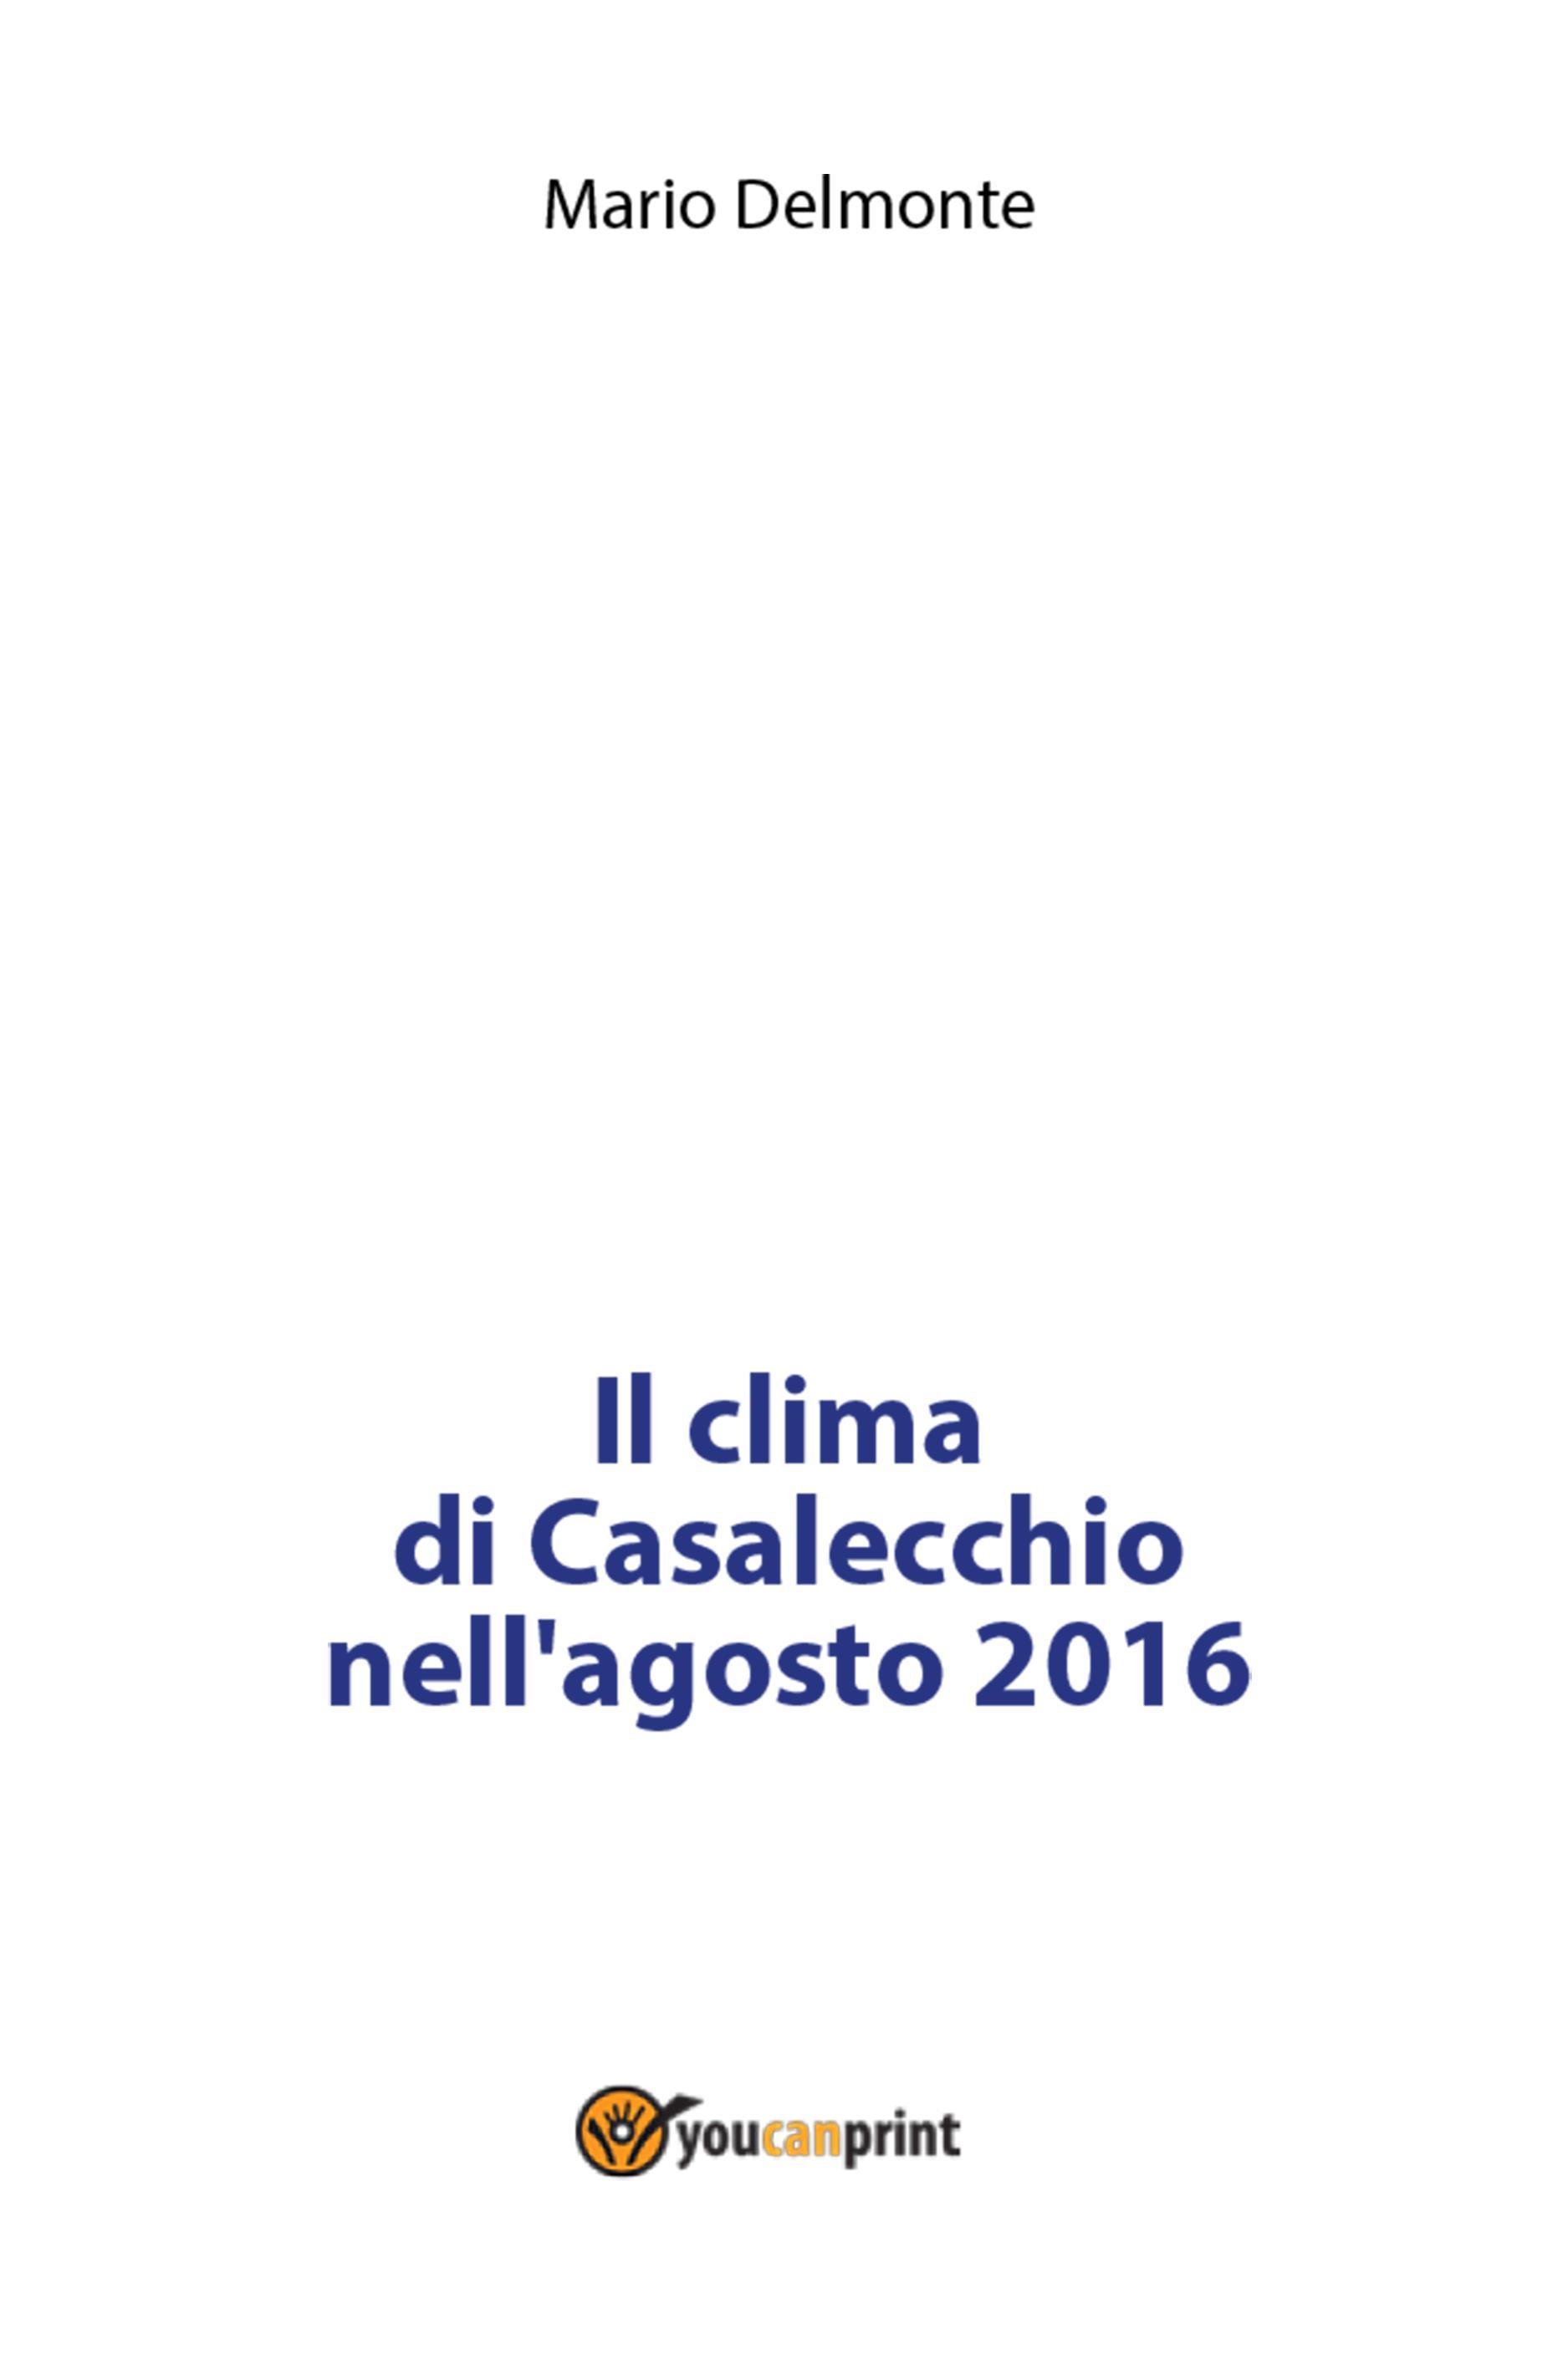 Il clima di Casalecchio nell'agosto 2016